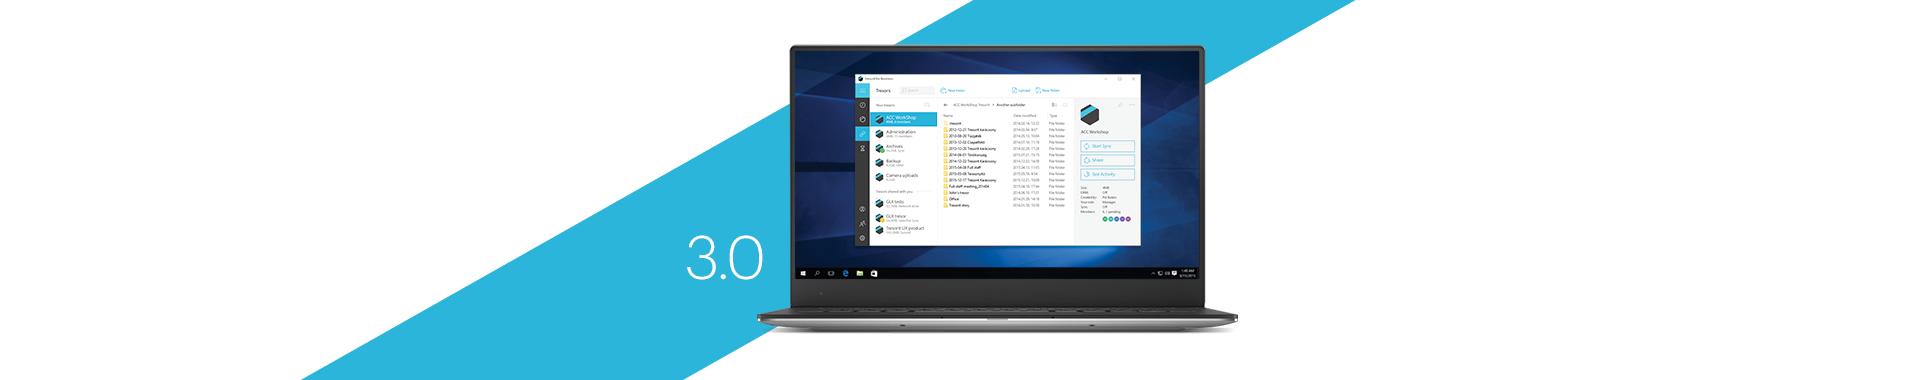 Tresorit 3.0 kommt auch für Windows